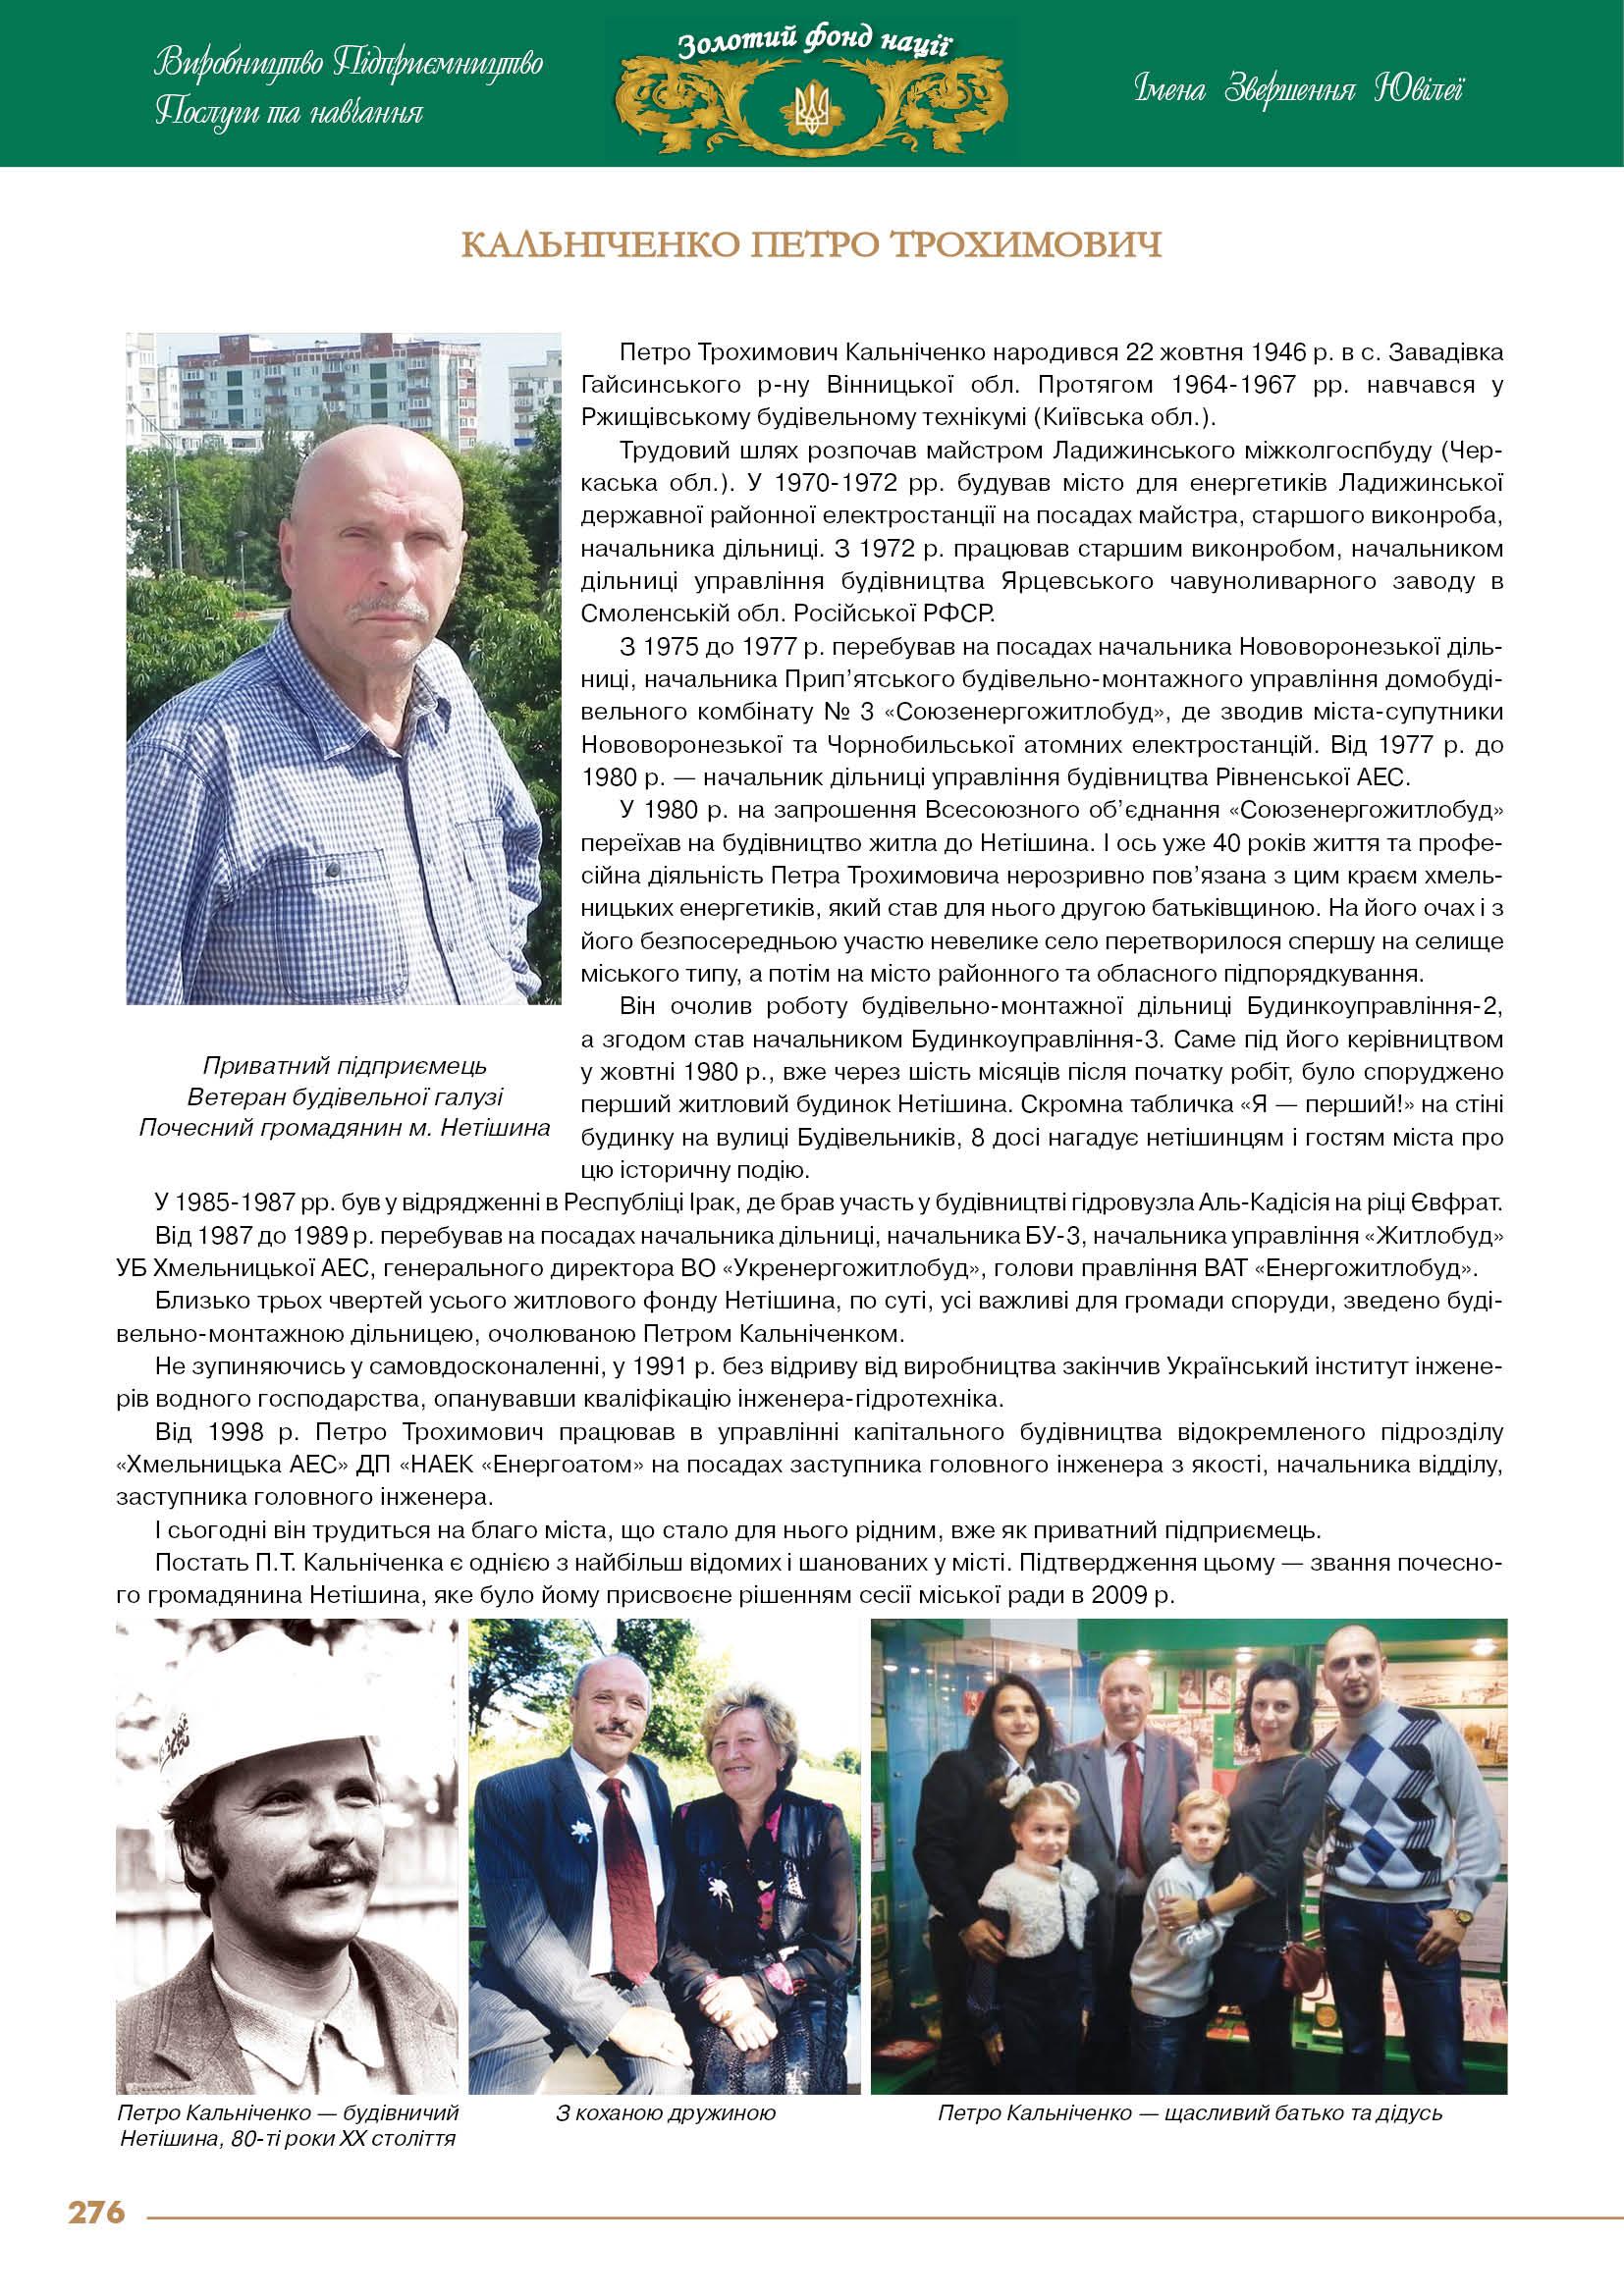 Кальніченко Петро Трохимович